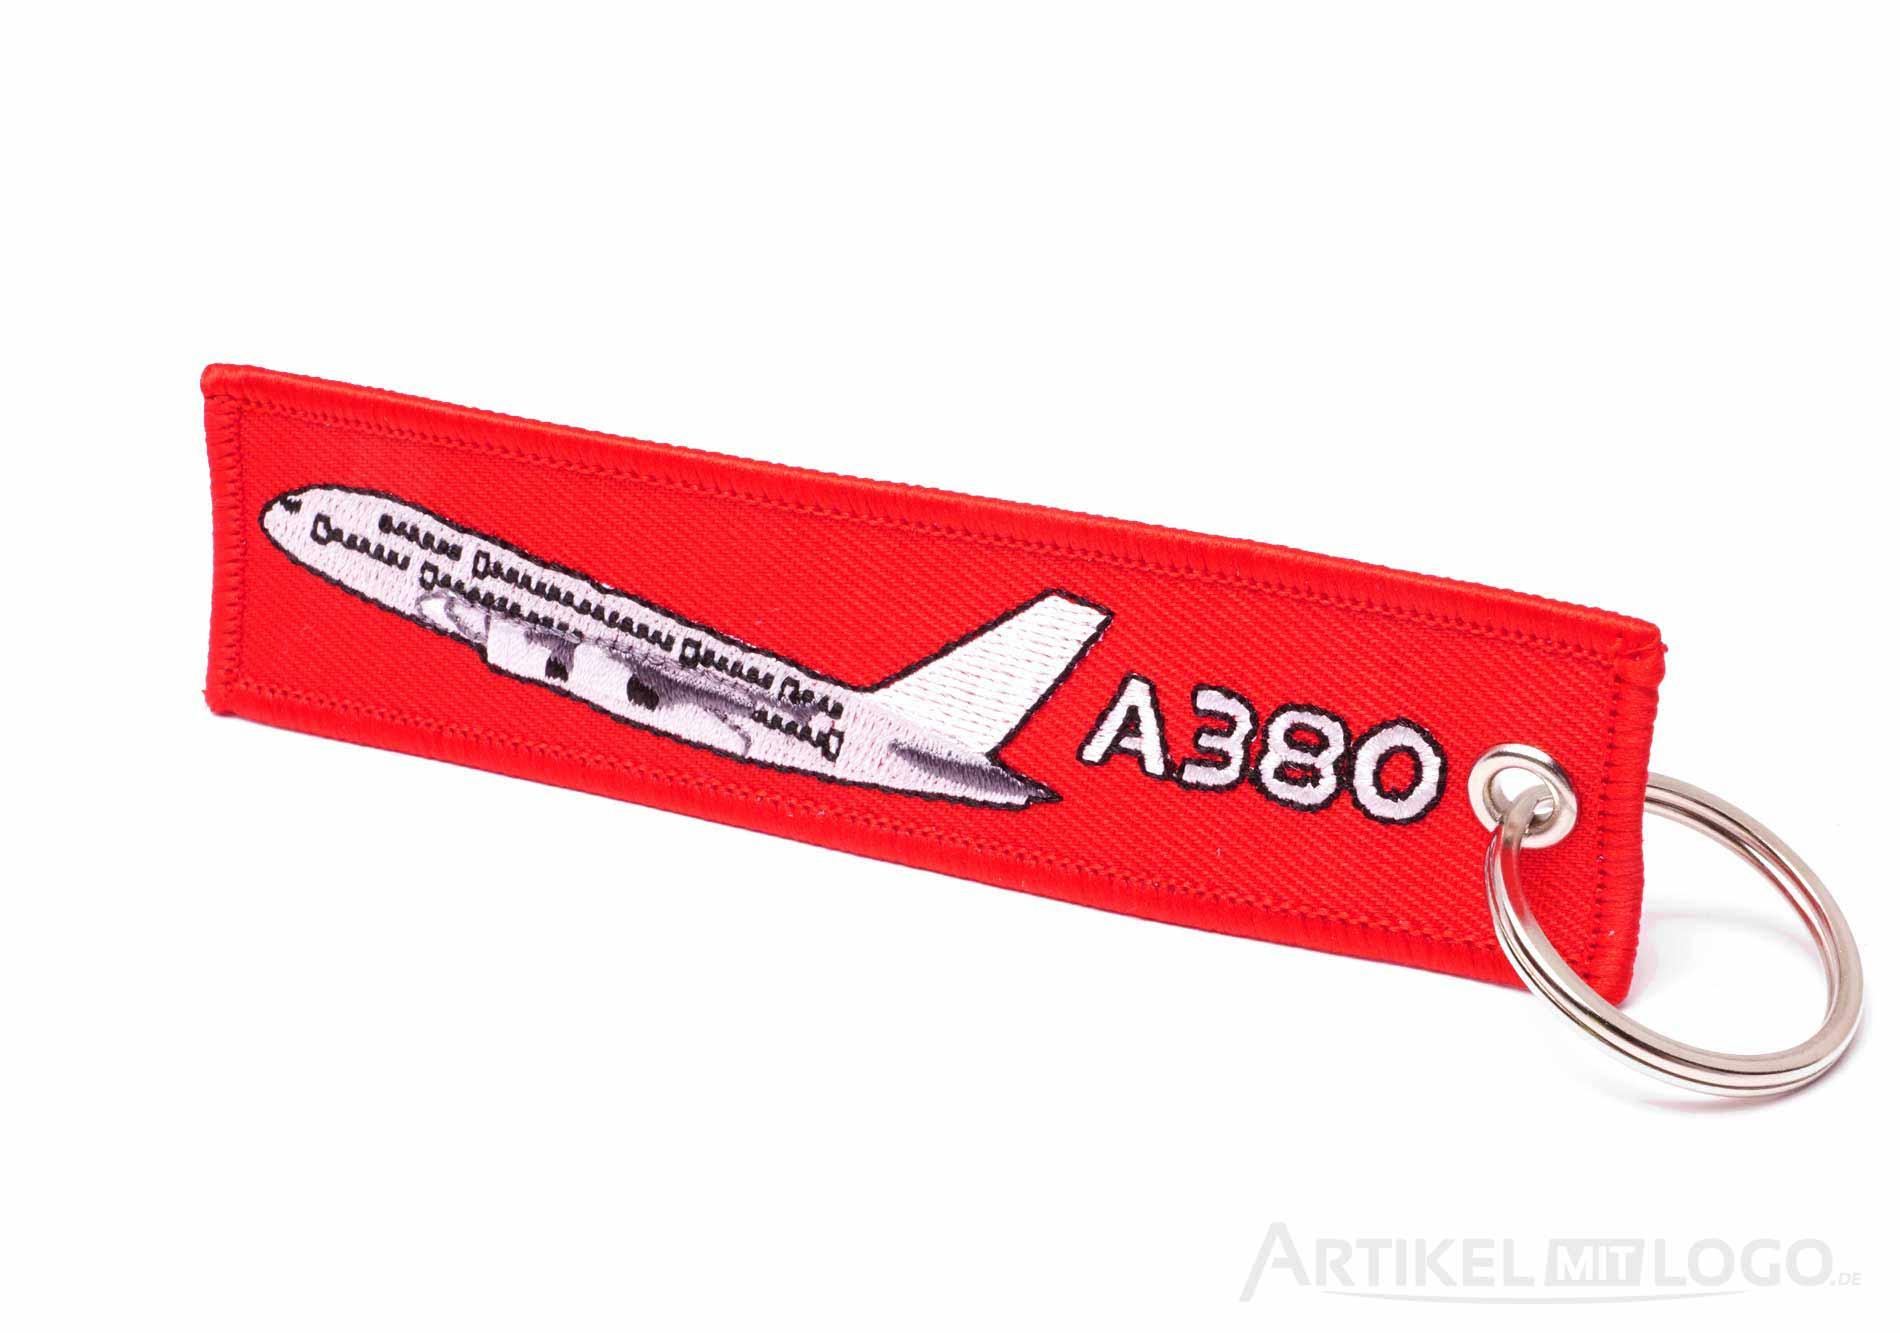 Airbus A380 Remove Before Flight Schluesselanhaenger rot weiss